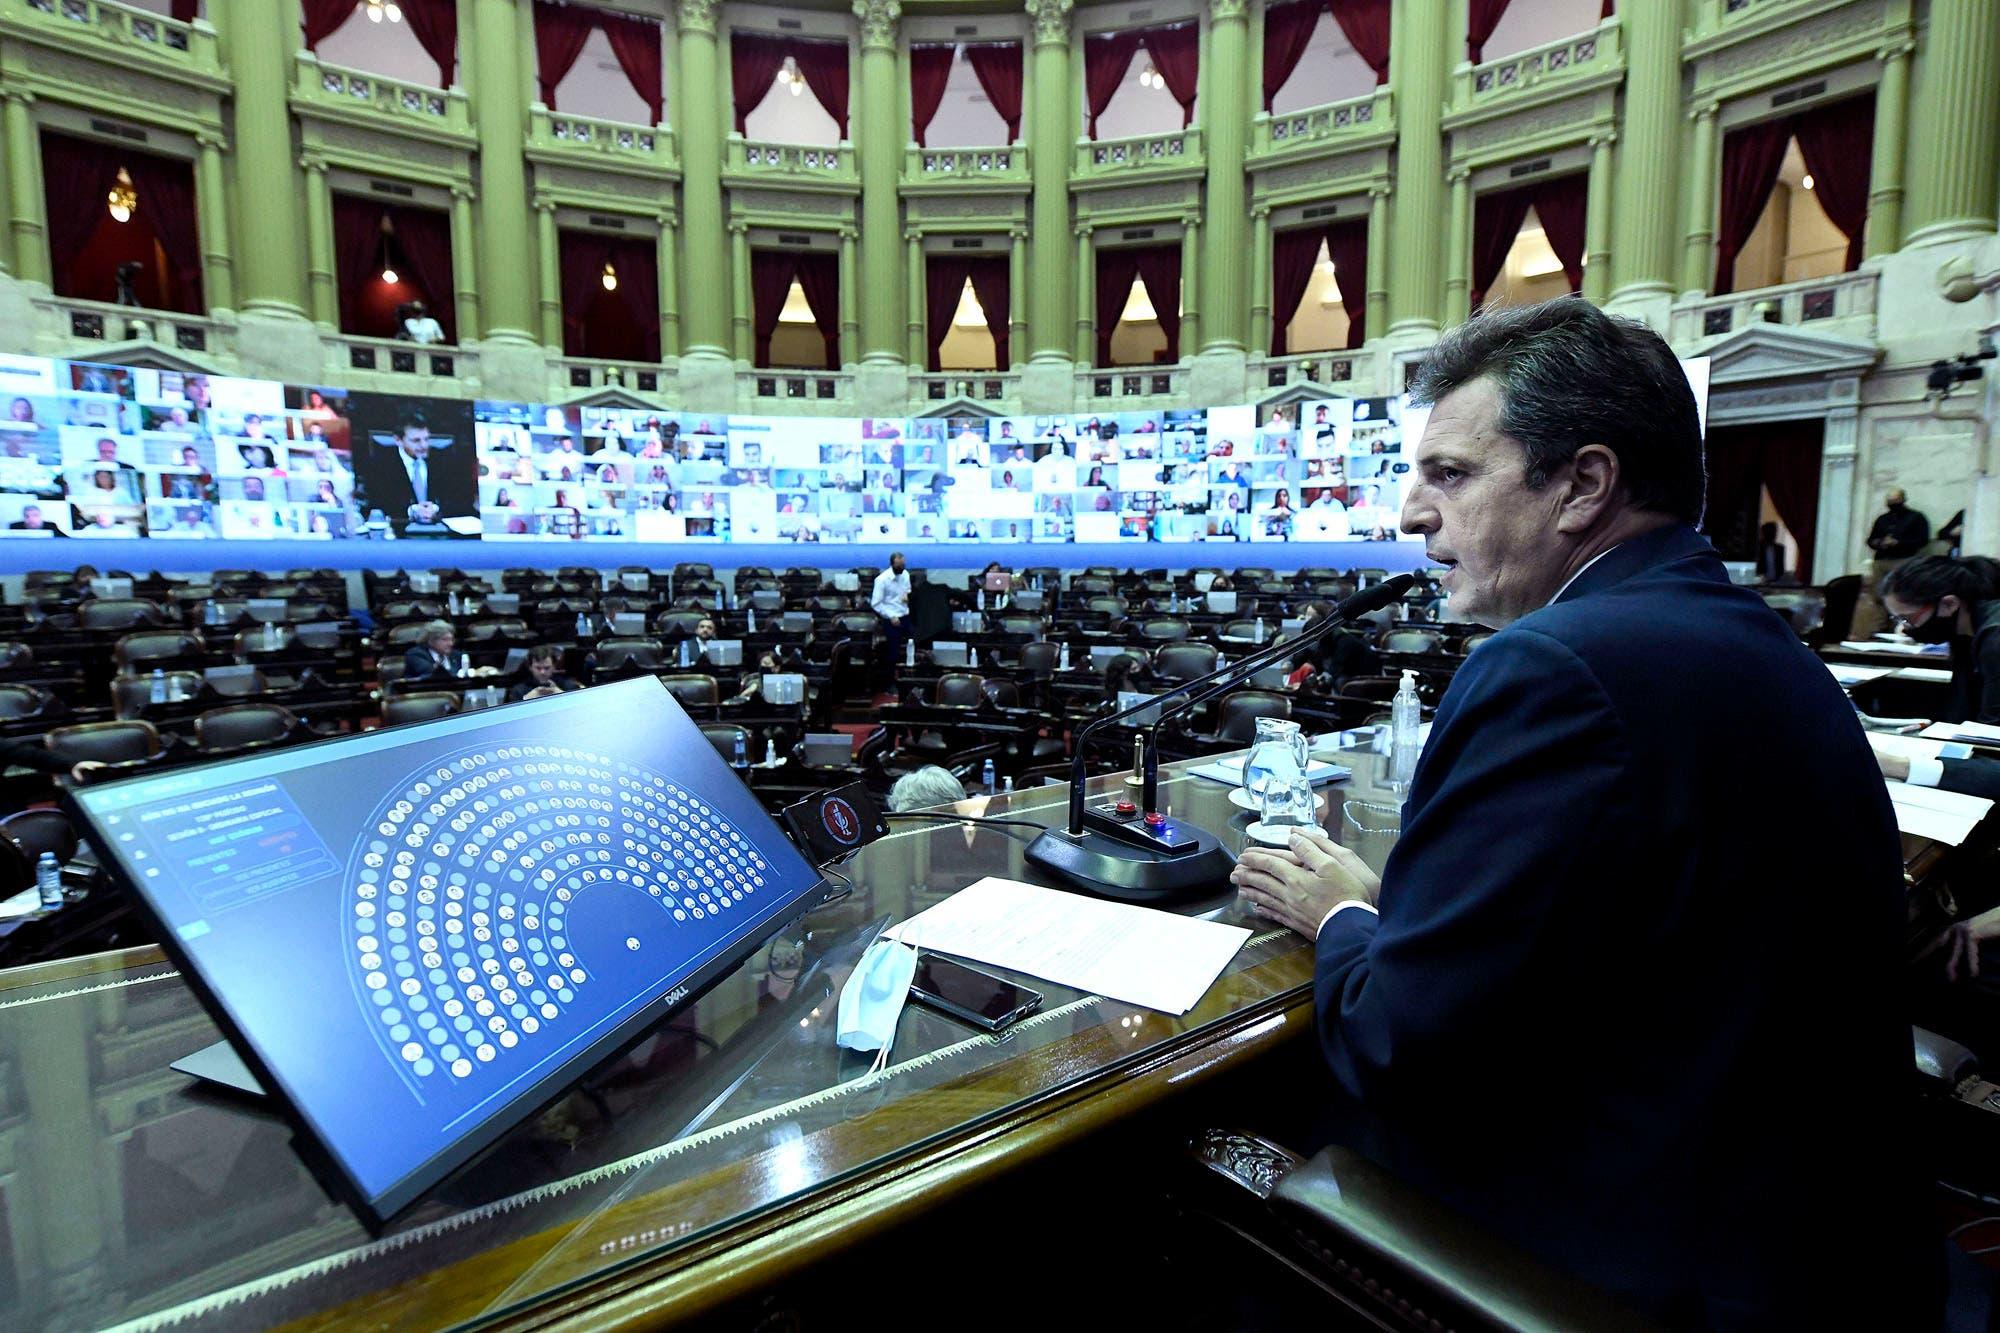 Por unanimidad, suspenden al diputado salteño Juan Emilio Ameri